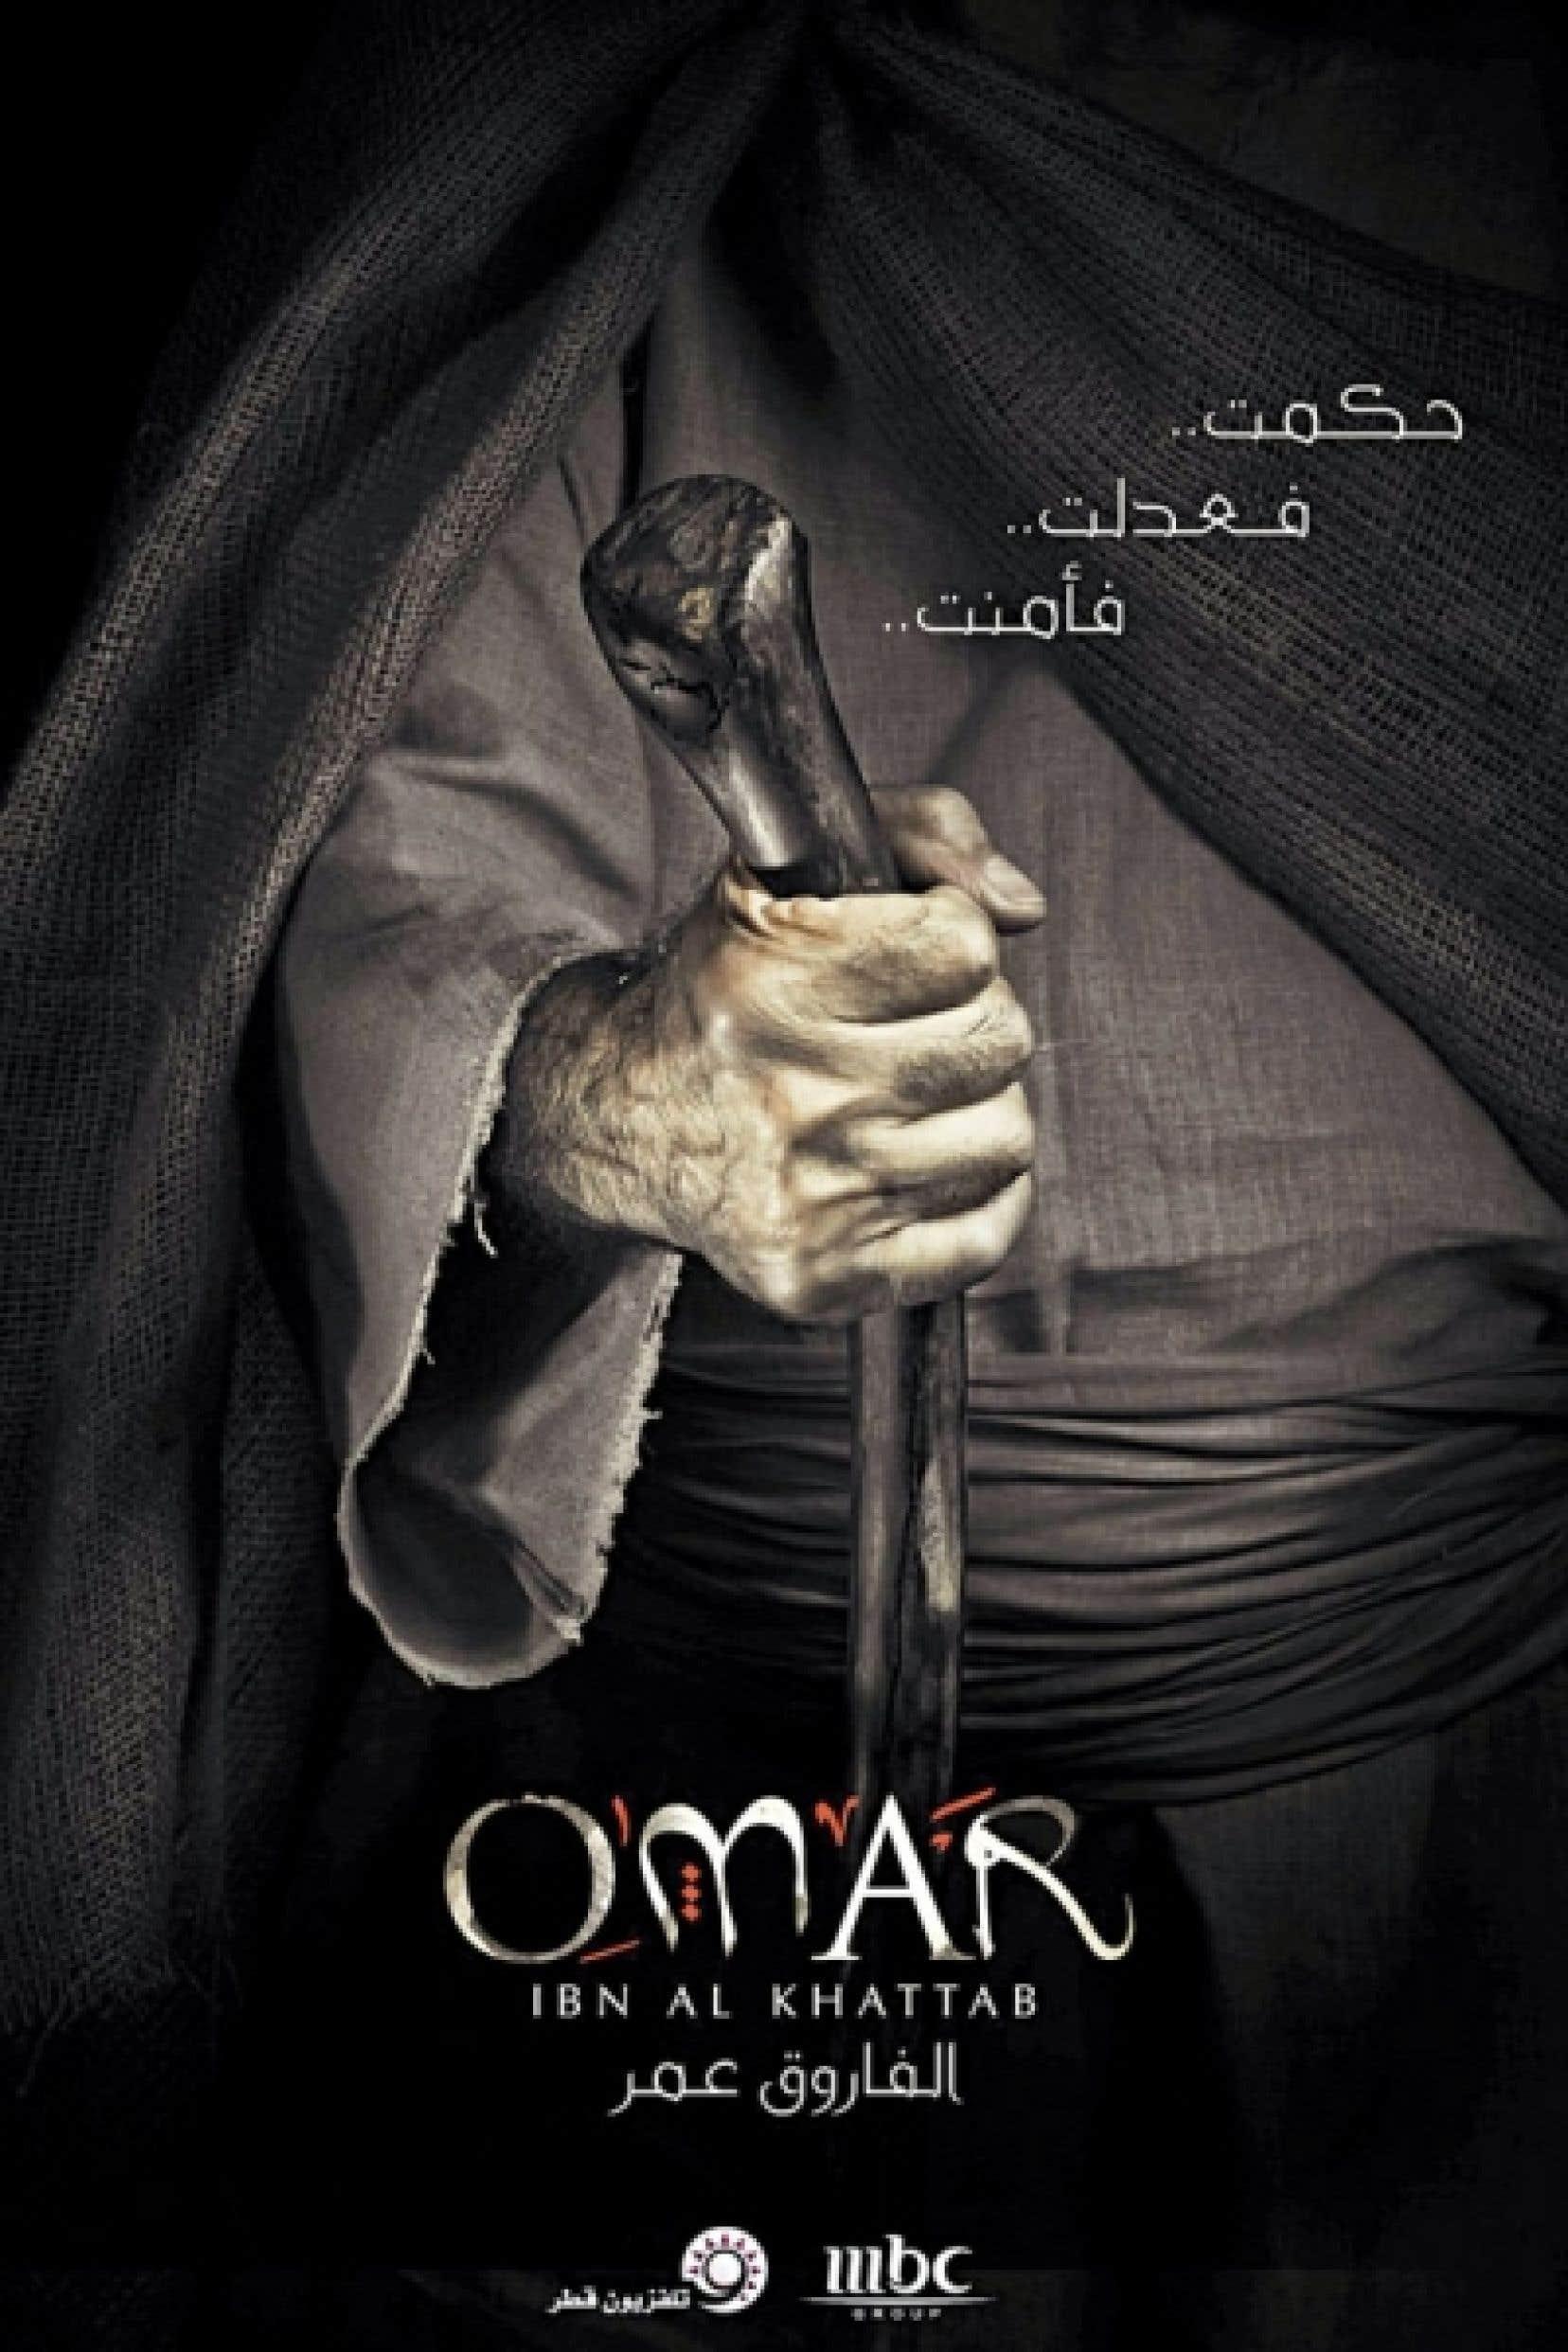 Selon les créateurs de la télésérie Omar, la chaîne Middle East Broadcasting Centre, il s'agit de la plus grande production arabe.